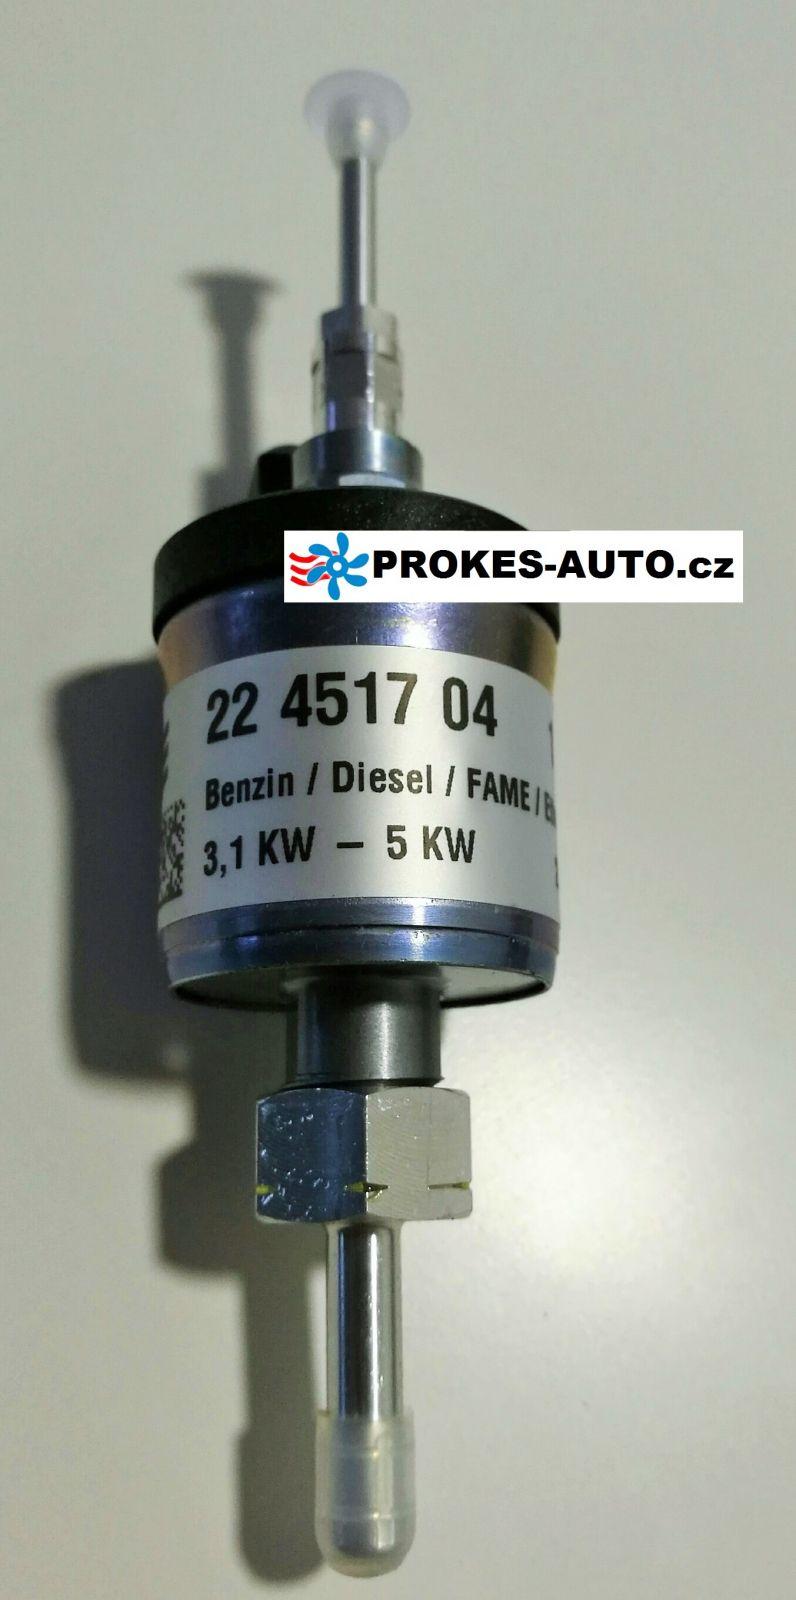 Eberspacher Fuel pump H12V 3,1-5kW Diesel / Benzin 22451704 Eberspächer